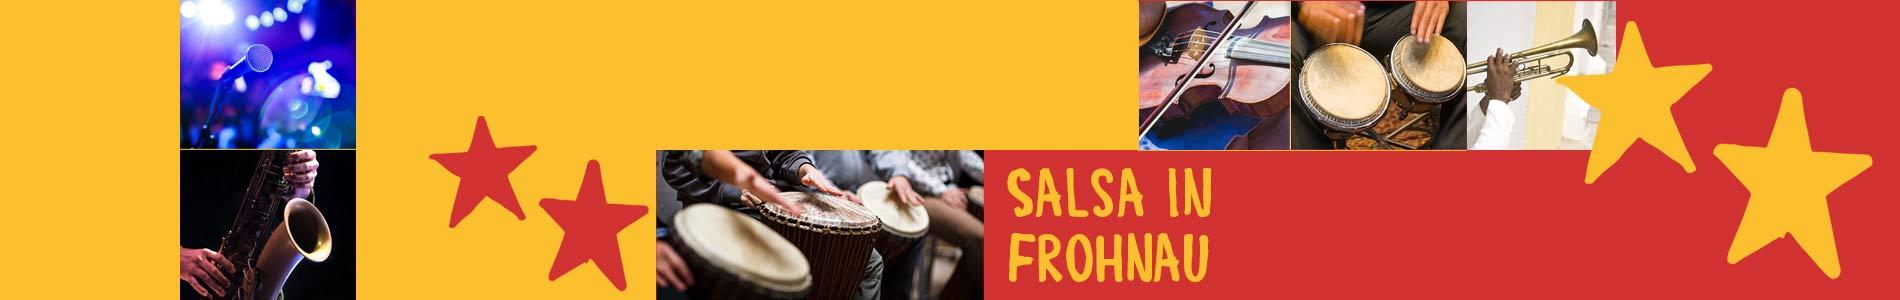 Salsa in Frohnau – Salsa lernen und tanzen, Tanzkurse, Partys, Veranstaltungen